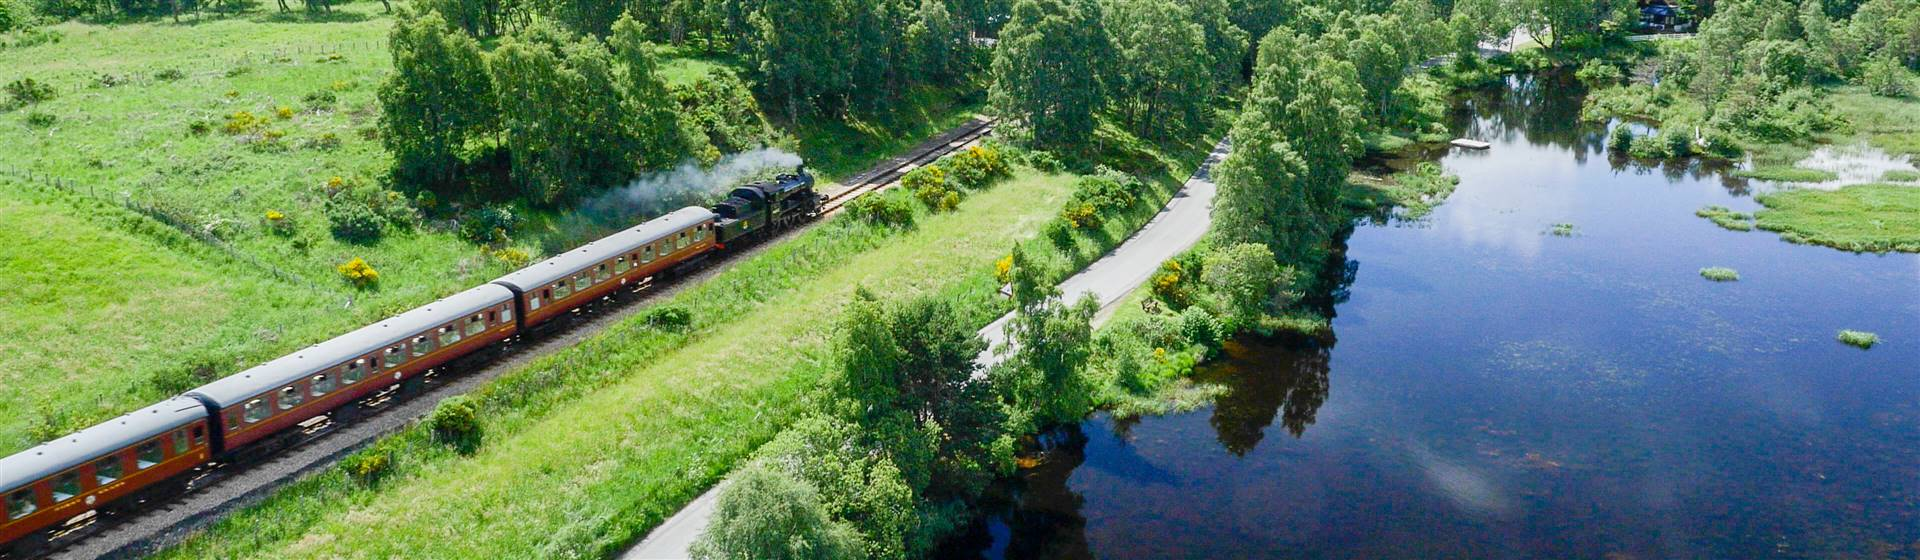 """<img src=""""strathspeyrailway©andrewthoirs.jpeg"""" alt=""""Strathspey Steam Railway""""/>"""